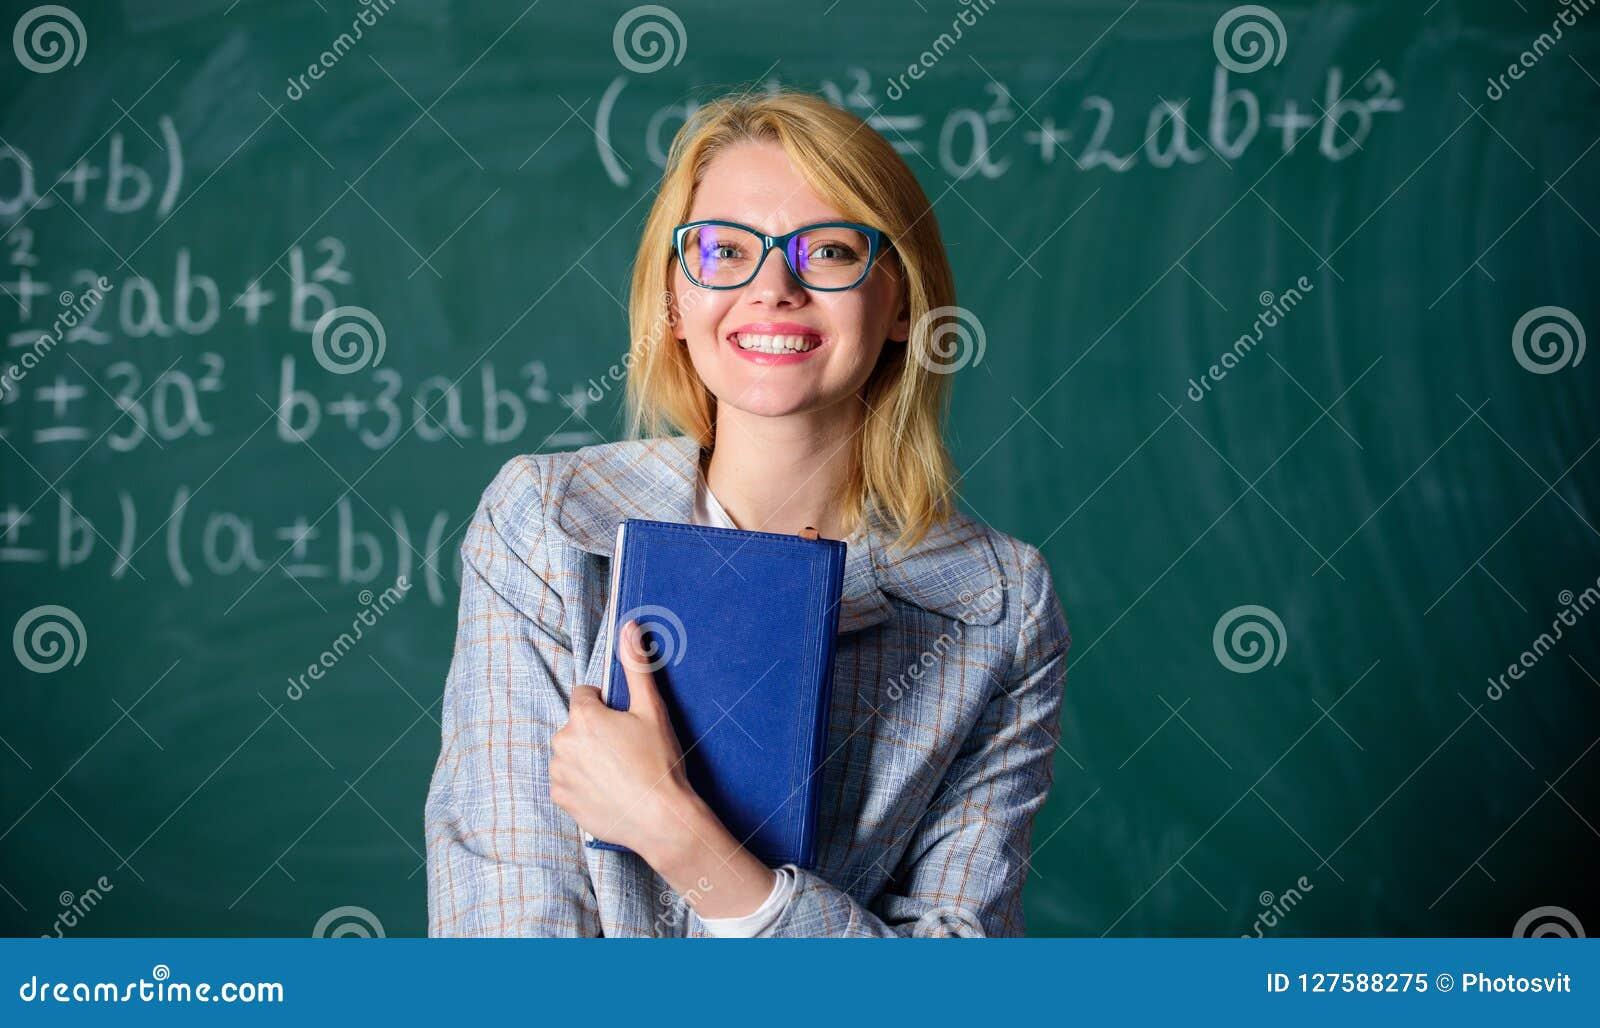 Grote brief van aanbeveling Vrouw het glimlachen van de het boektribune van de leraarsgreep het voorbord Aanbeveling voor univers